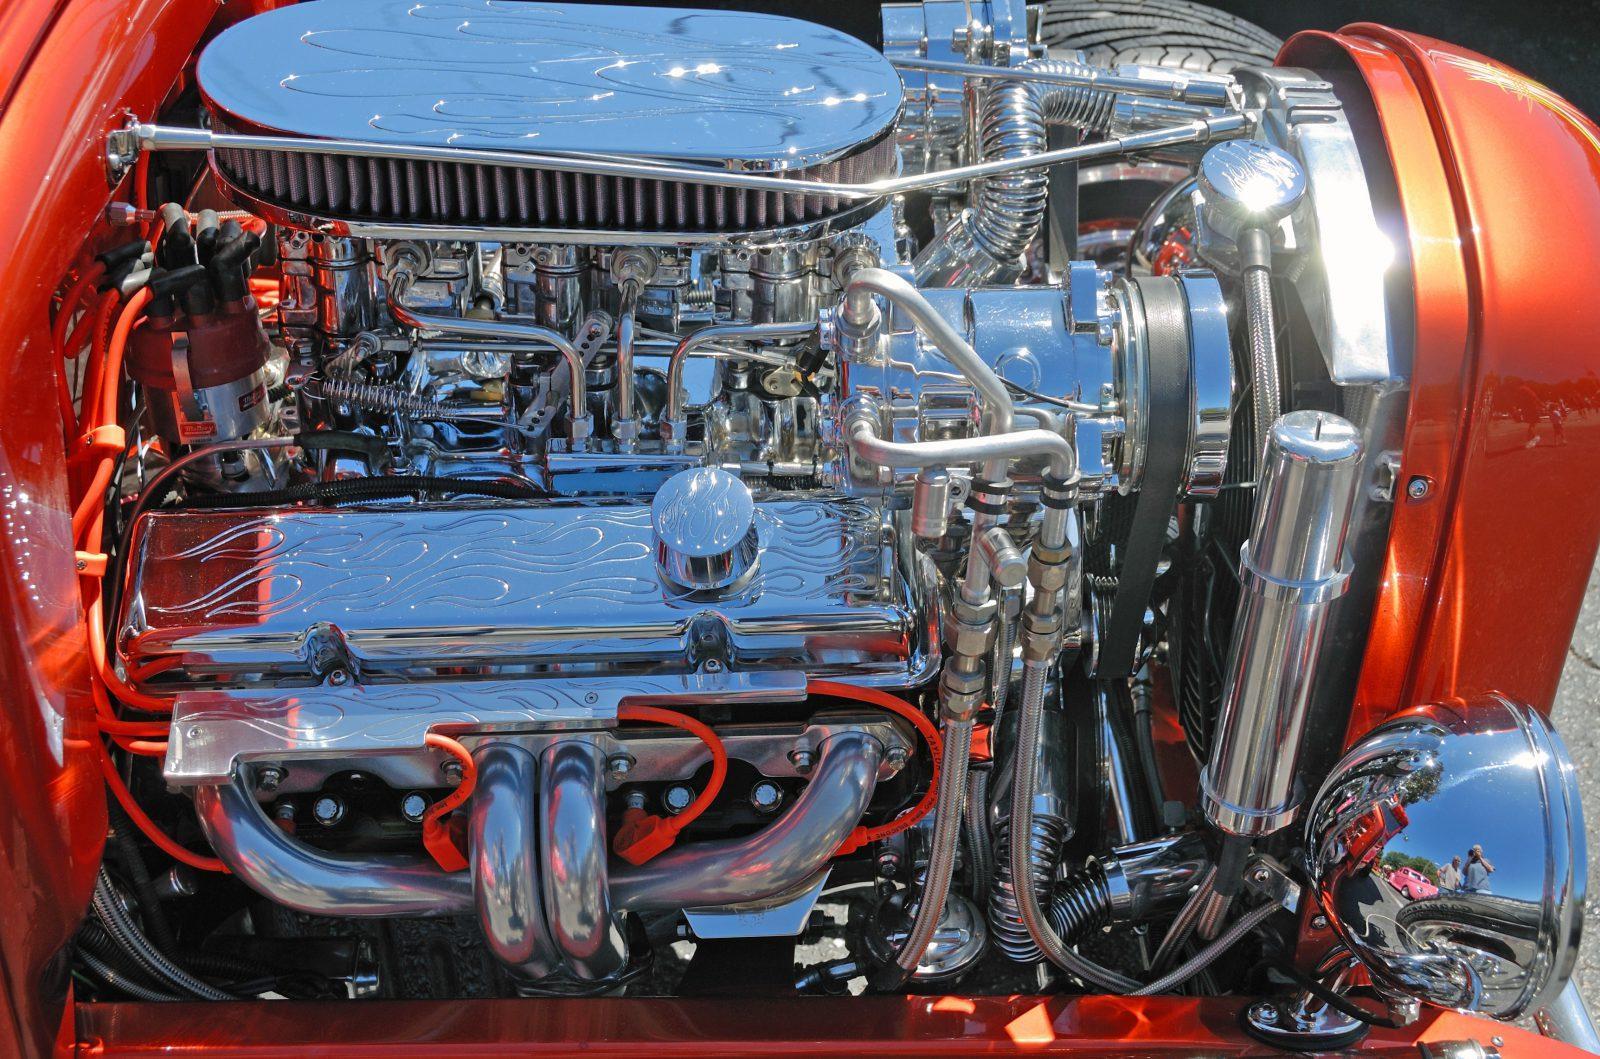 Motor Oil Brands: Best Performance Brands & Popular Oil ...